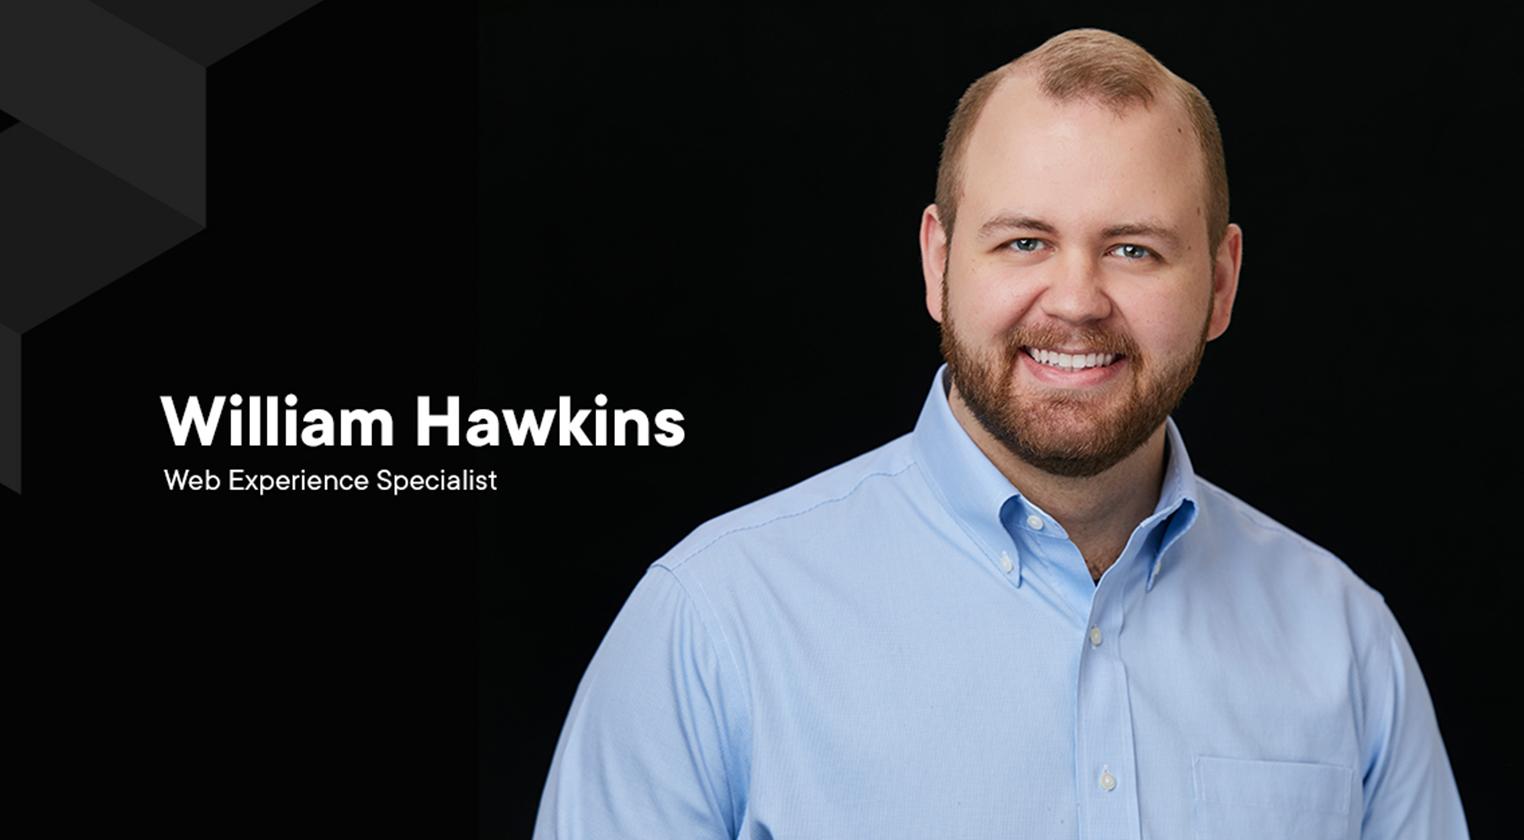 Meet Will Hawkins